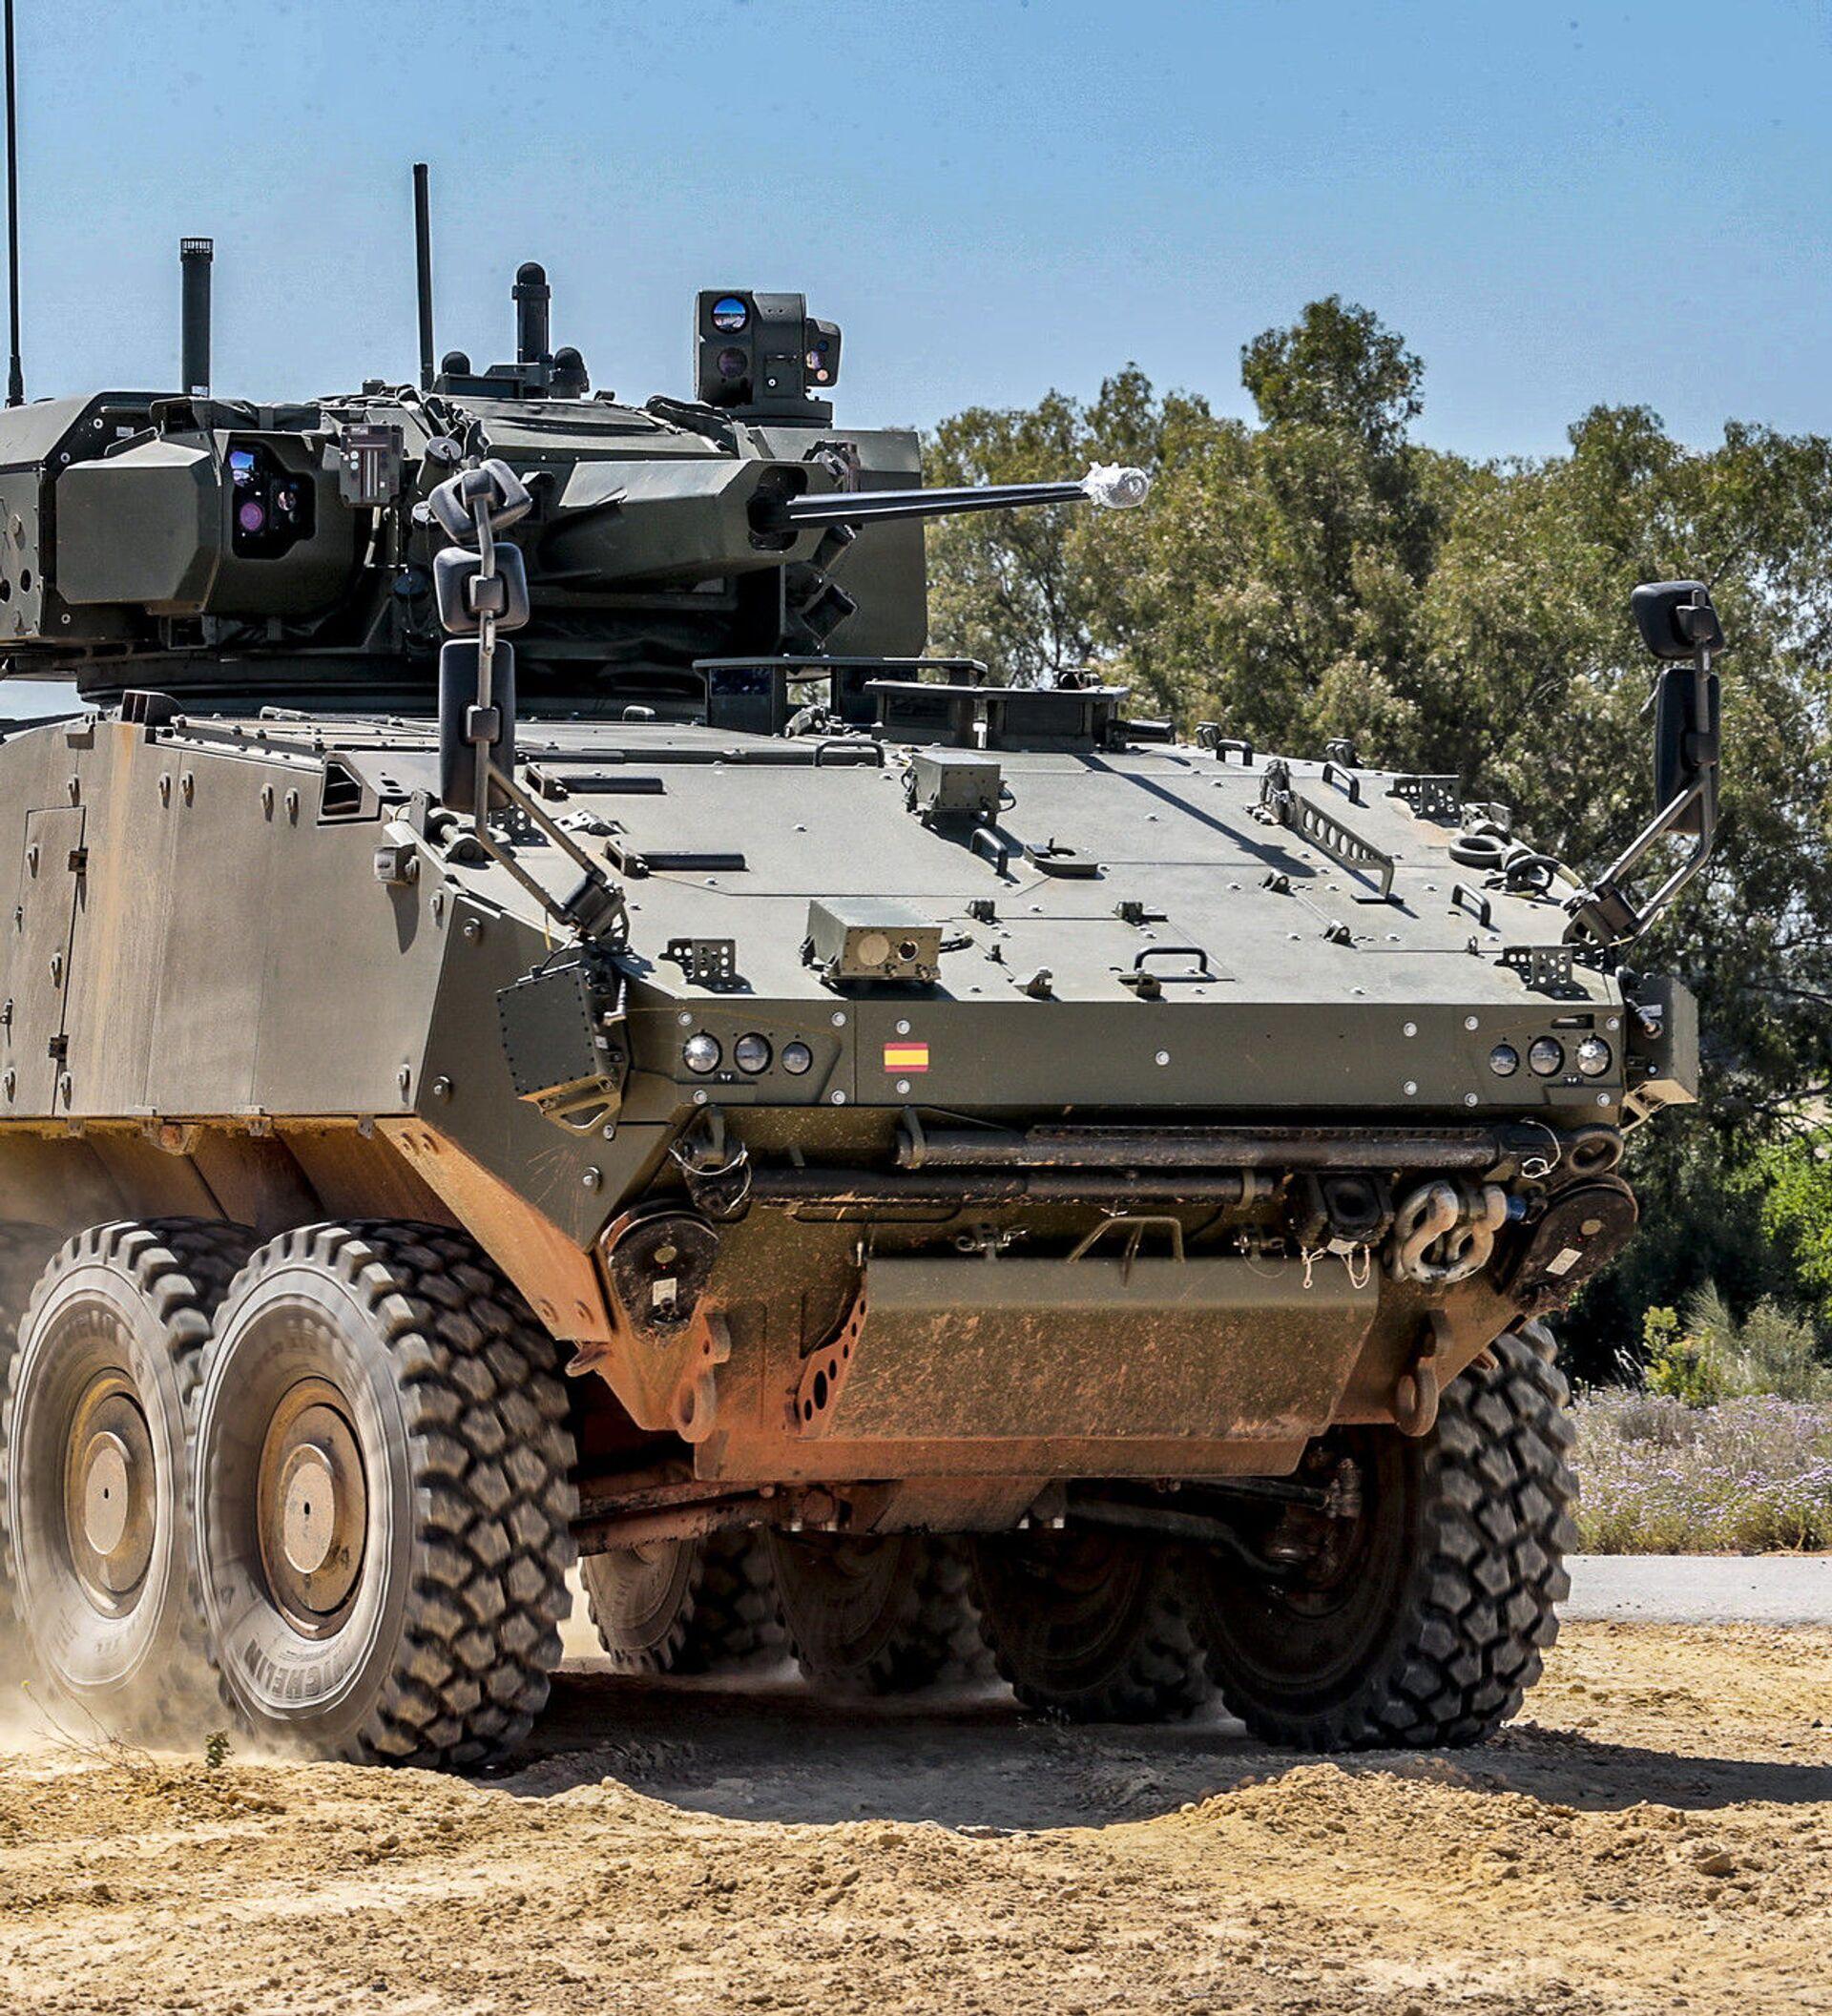 Así Es El Dragon 8x8 El Nuevo Vehículo De Combate Del Ejército Español 25 08 2020 Sputnik Mundo